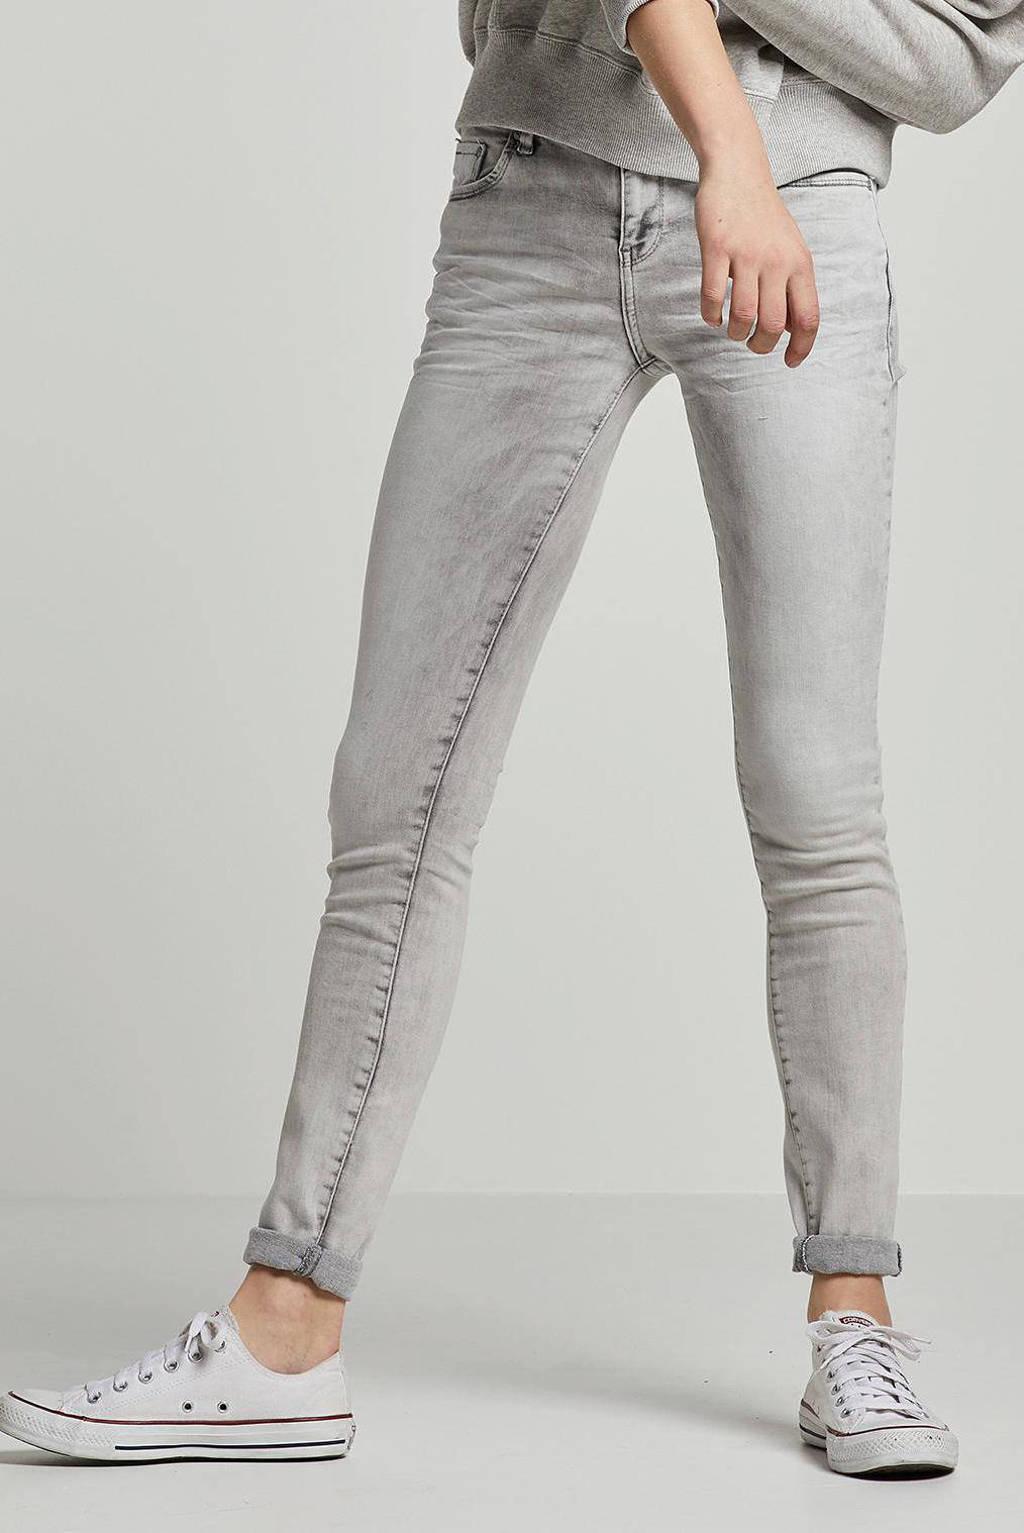 LTB Daisy high waist slim fit jeans 51680 Ida wash